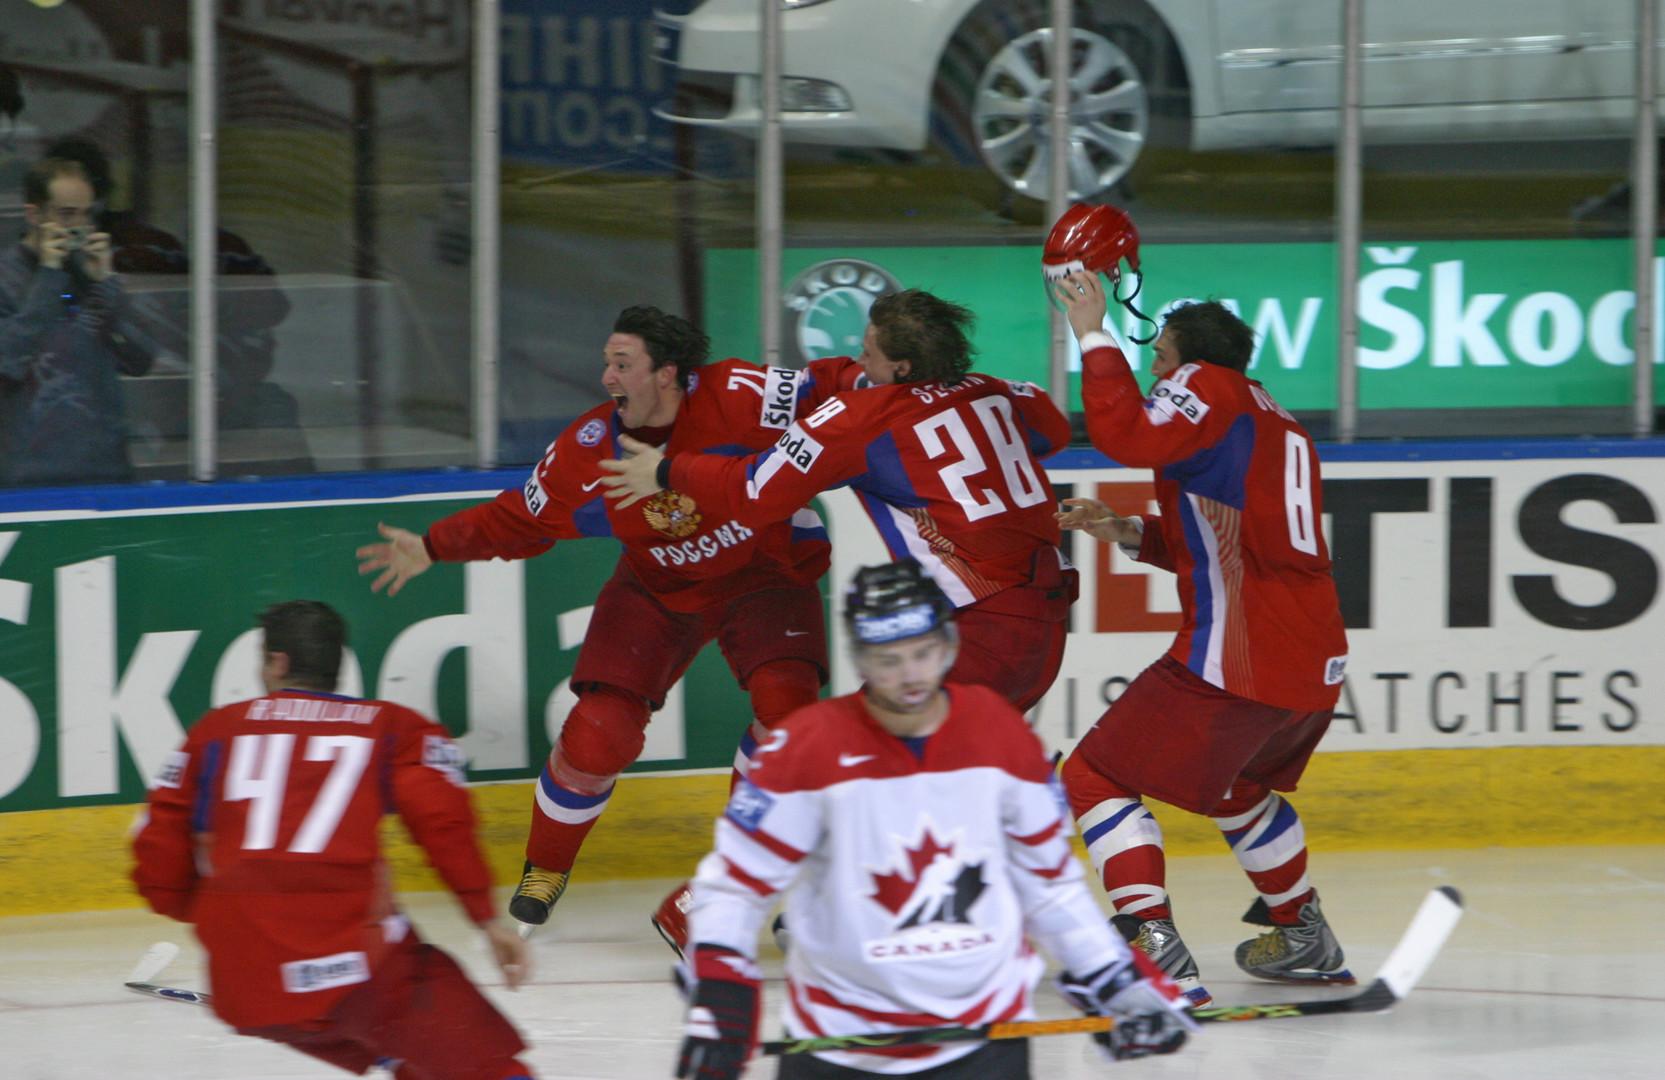 Непредсказуемый полуфинал: чем заканчивались встречи сборных России и Канады на ЧМ